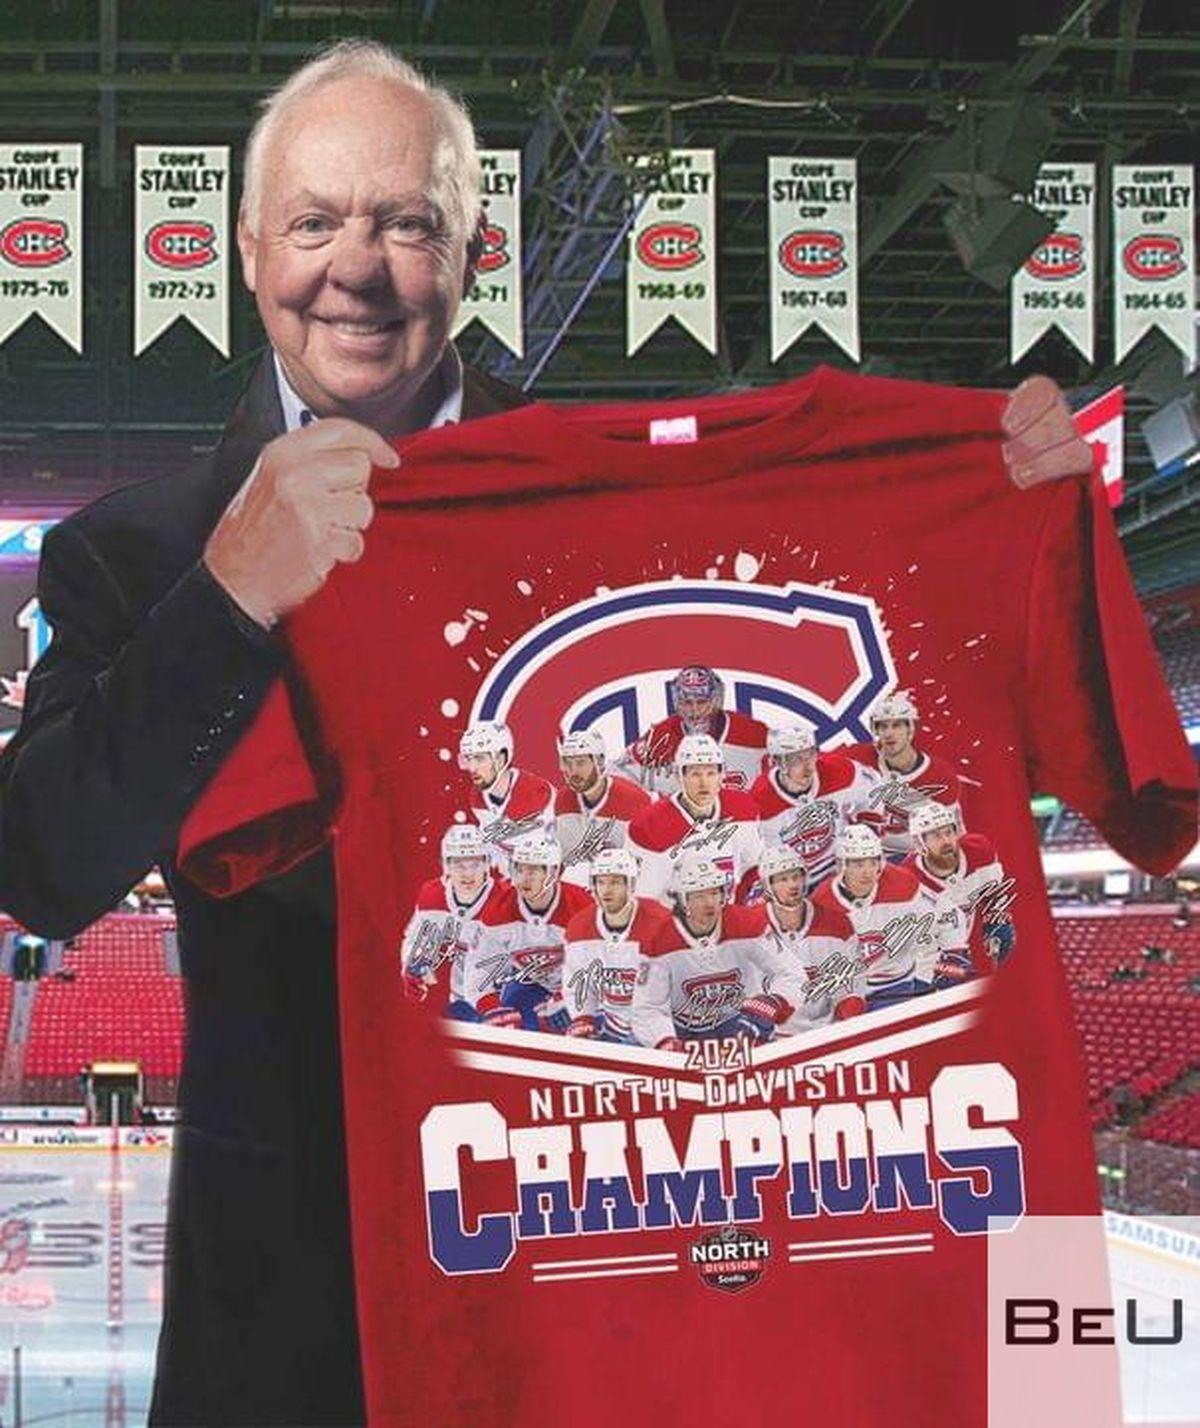 Montreal Canadiens 2021 North Division Champions Shirtv